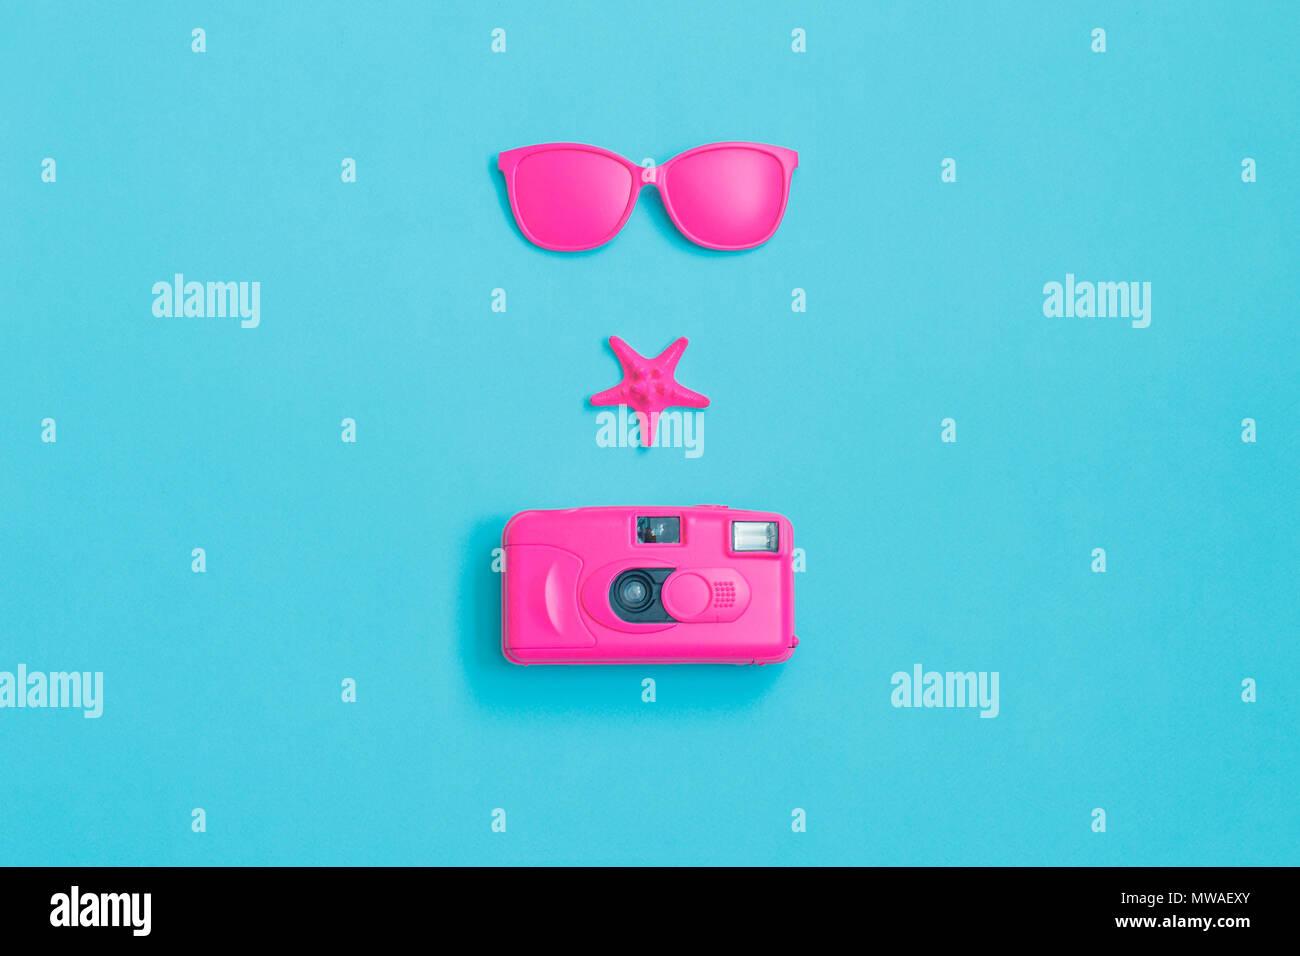 Lunettes roses, appareil photo et d'étoiles sur fond bleu. Concept minimal. Concept créatif. Été chaud. Lumineux Pop Art Sweet Fashion Style. Banque D'Images